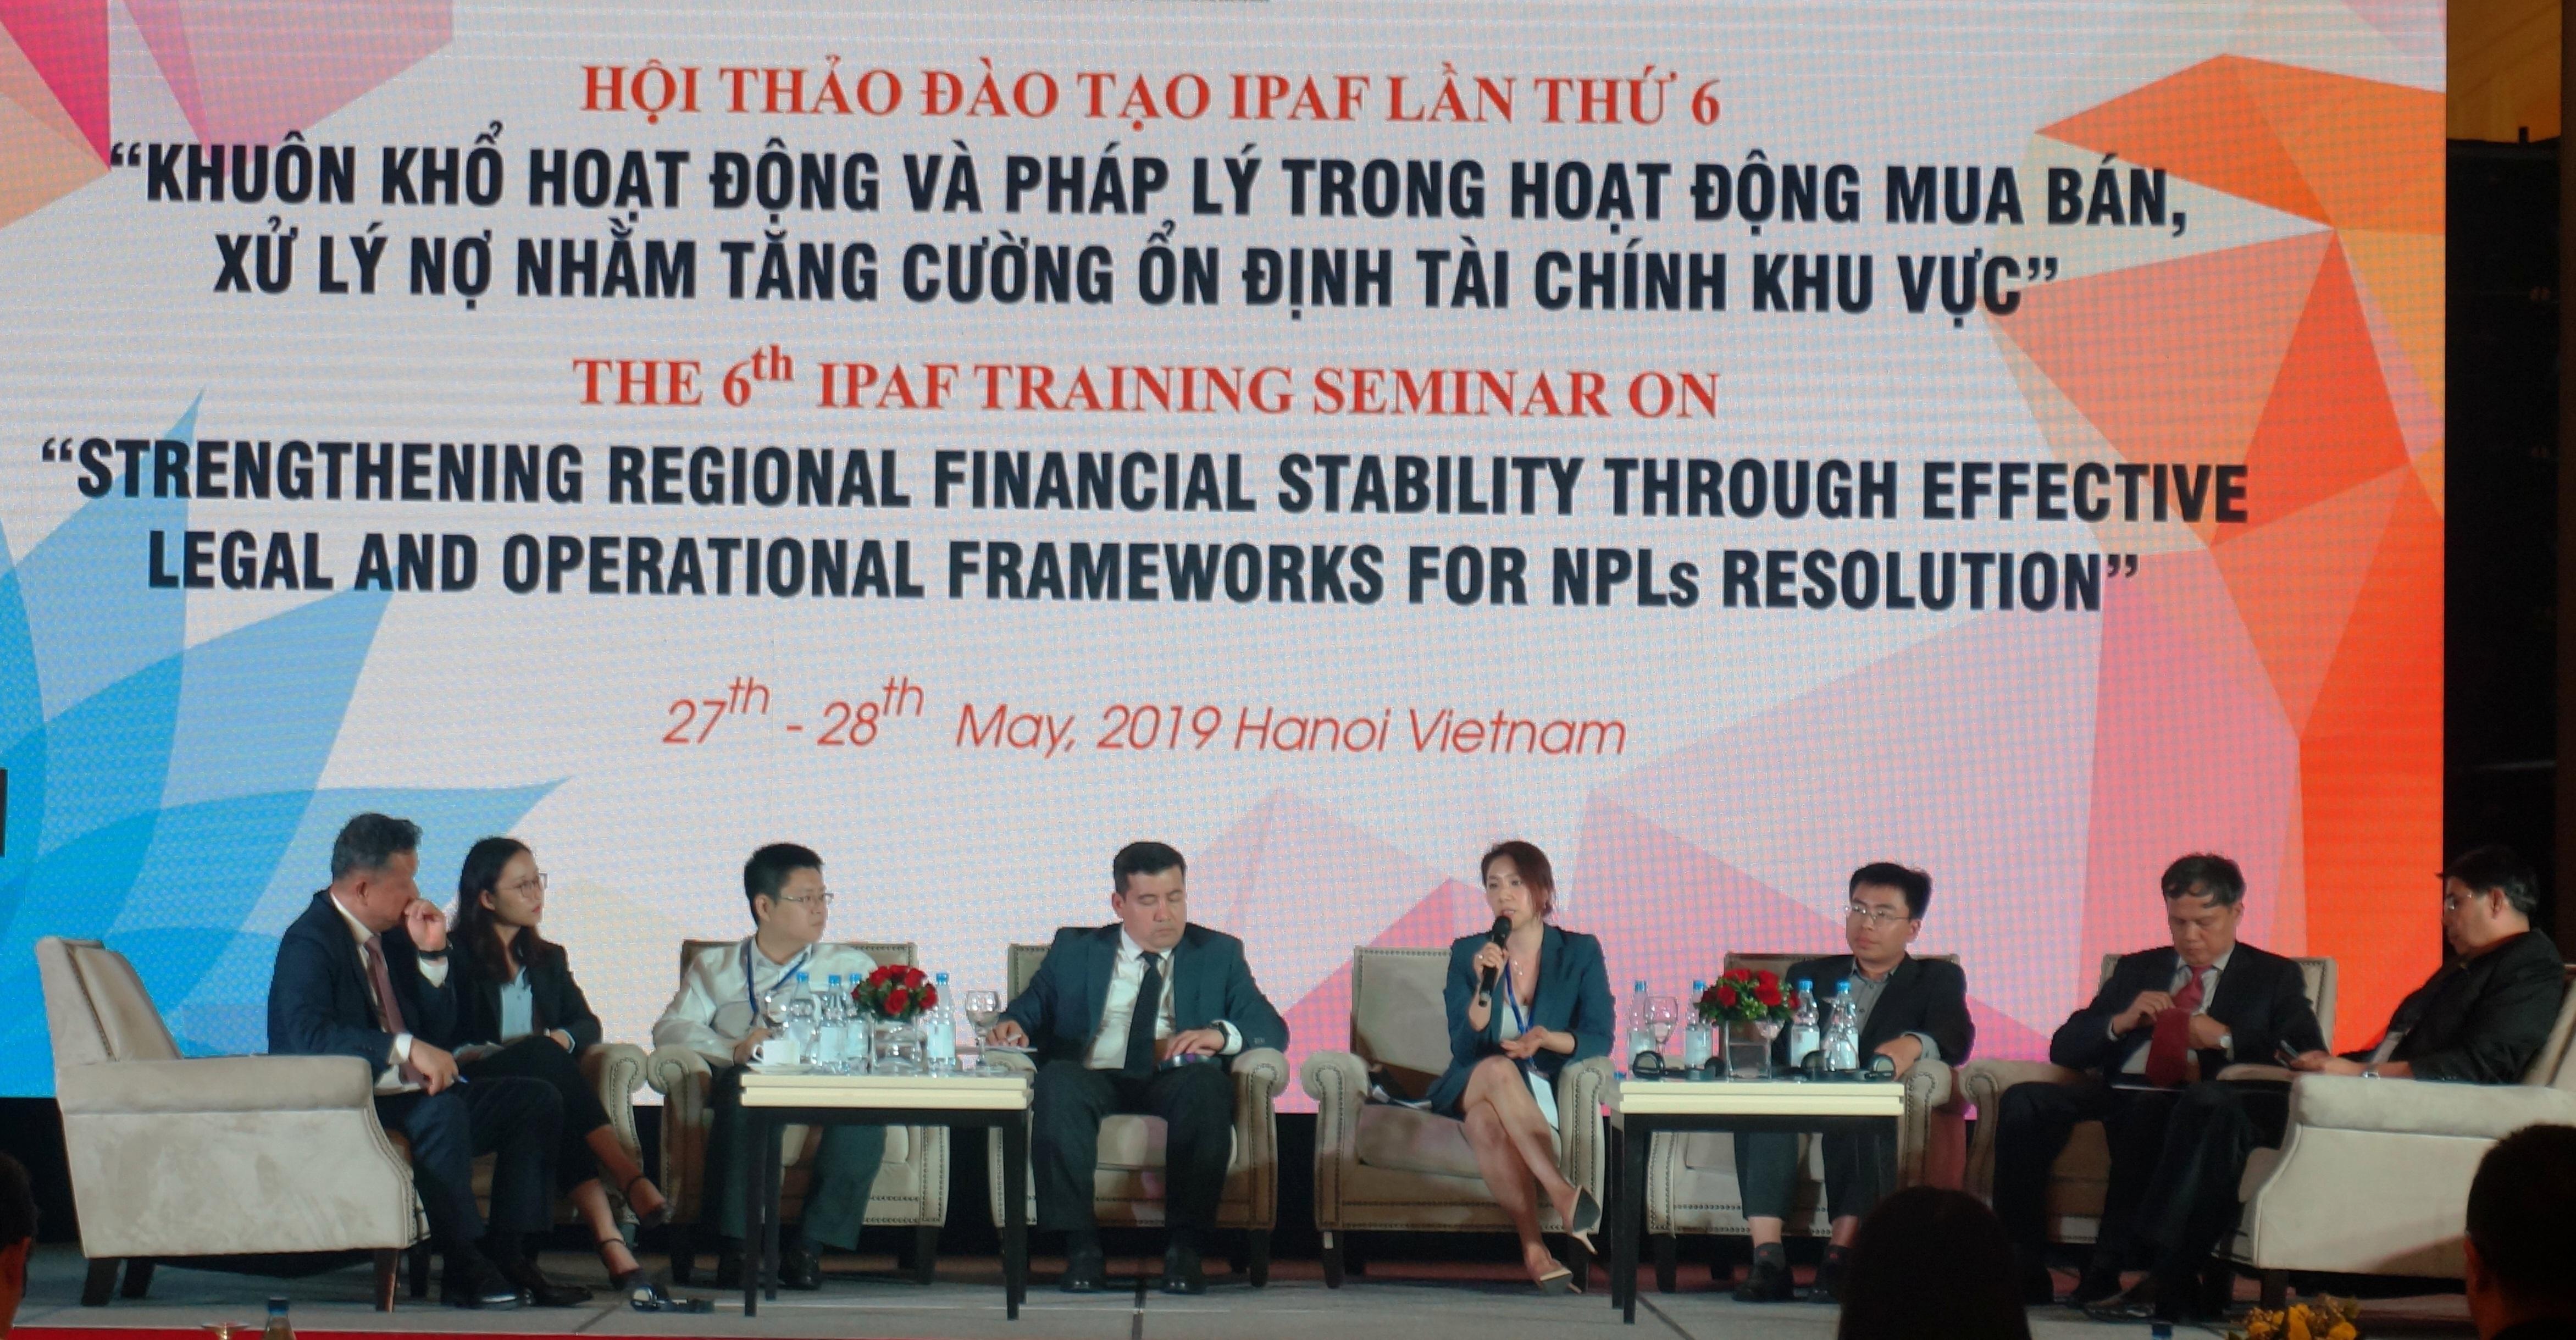 Hội thảo đào tạo IPAF lần thứ 6:  Sự phát triển của thị trường mua bán, xử lý nợ tại Việt Nam  và vai trò của AMCs công.